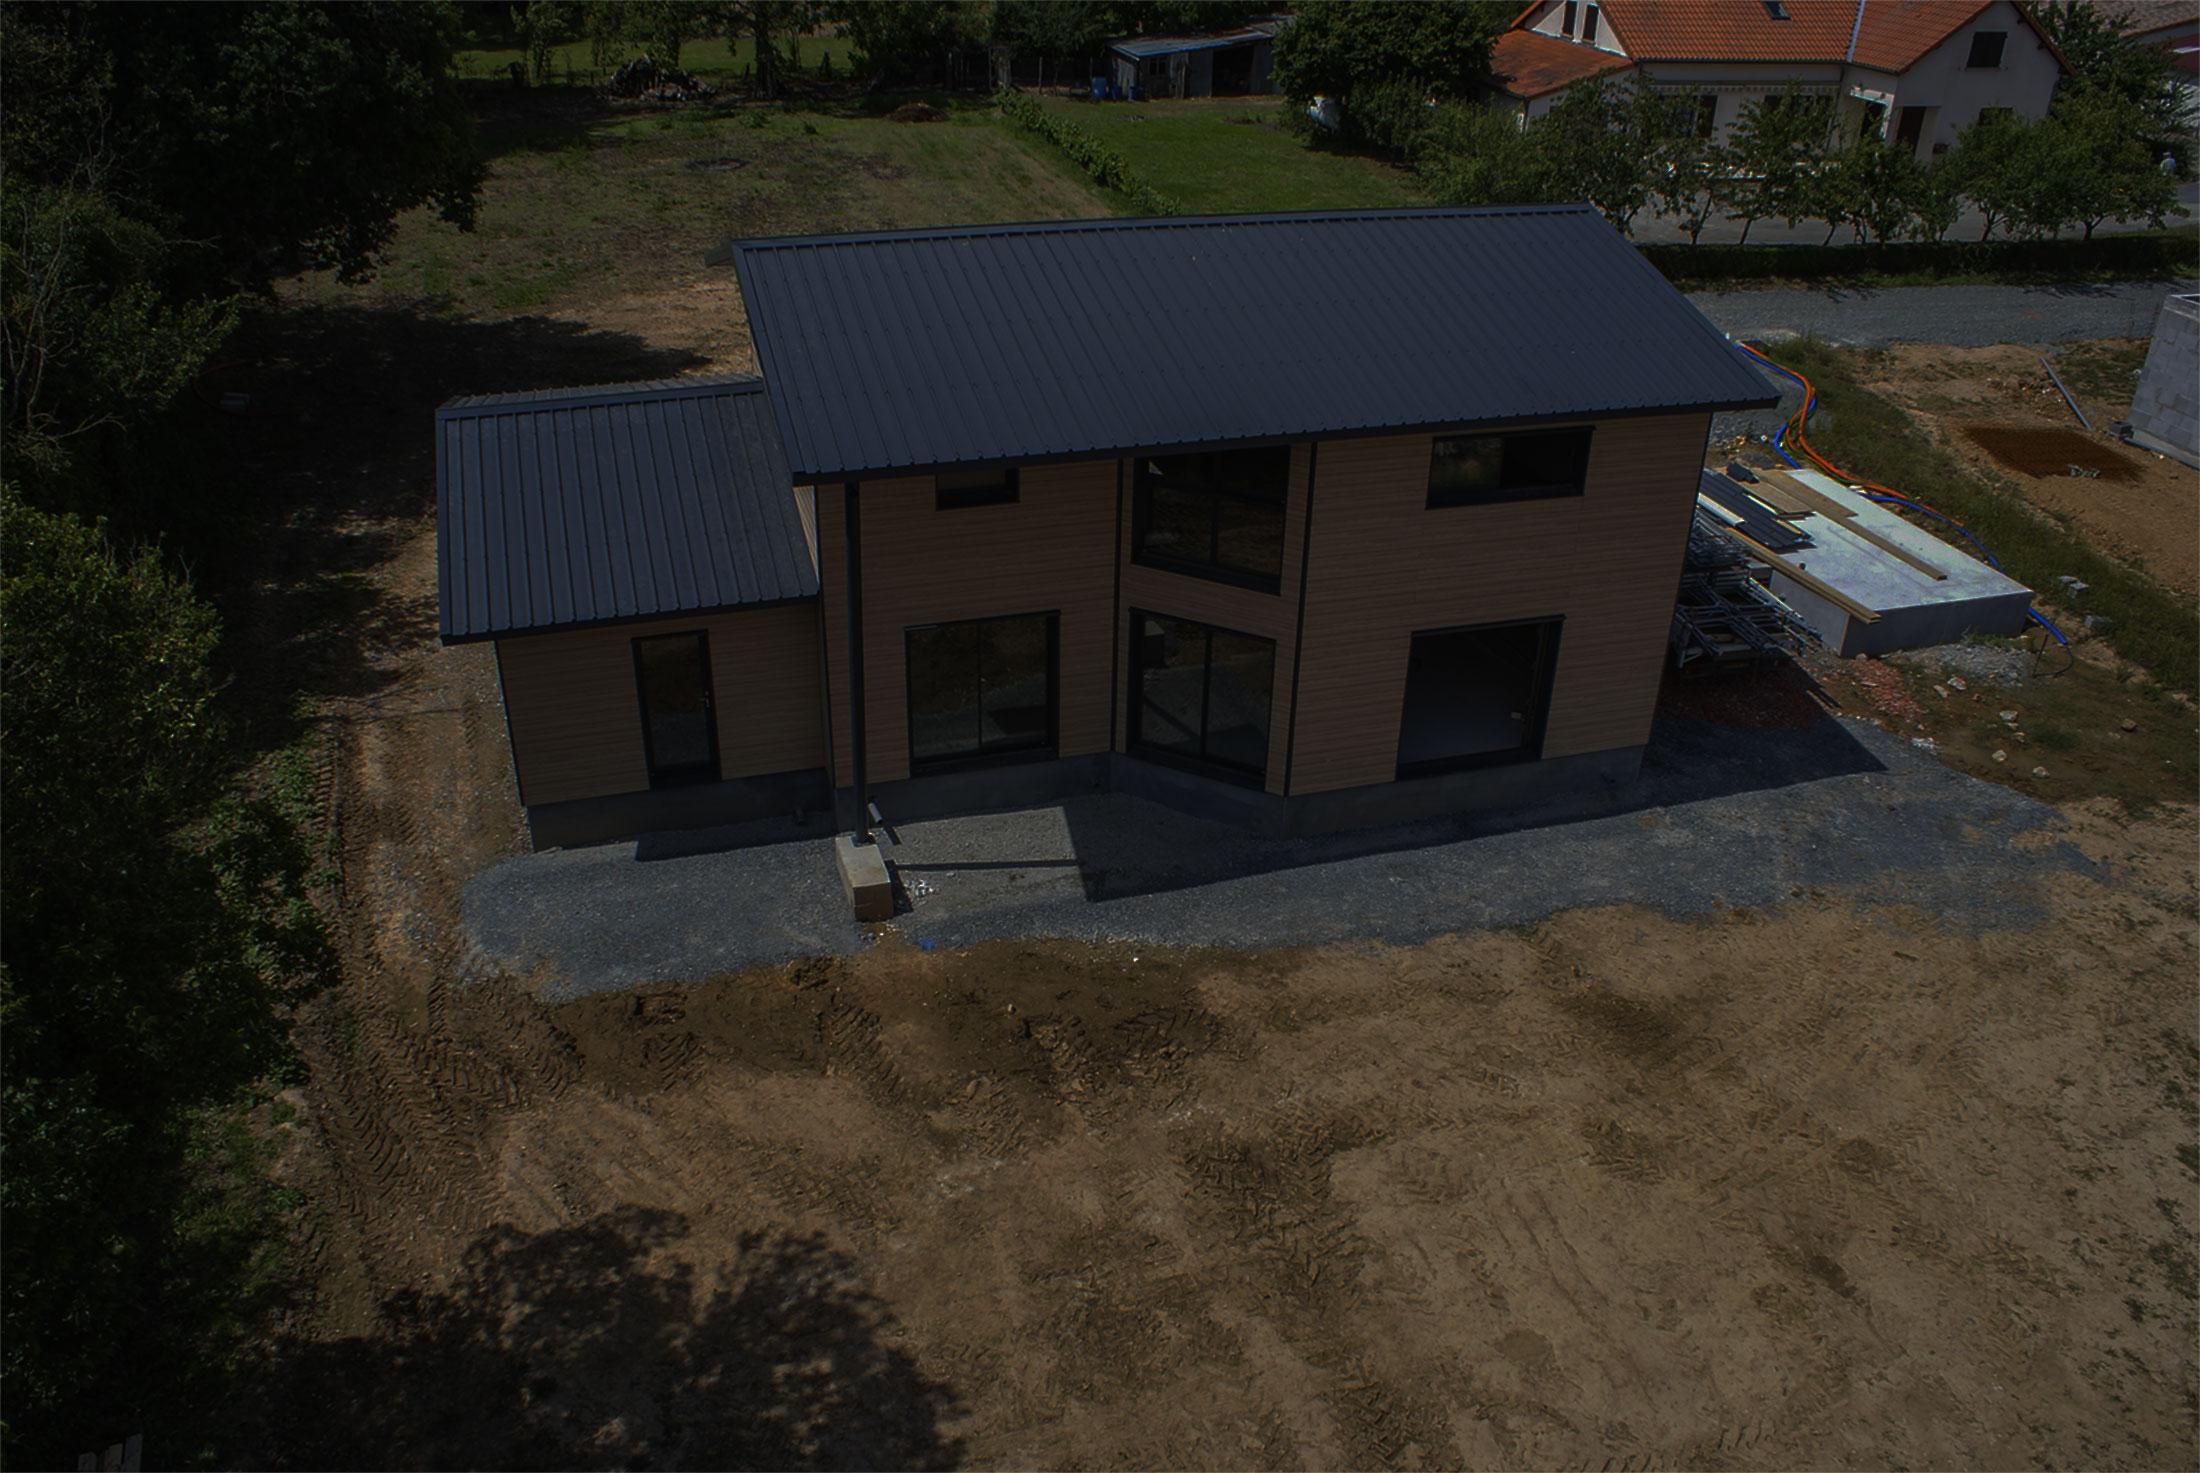 réalisation-maison-ossature-bois-vienne-garrat-menuiserie-sud-vienne